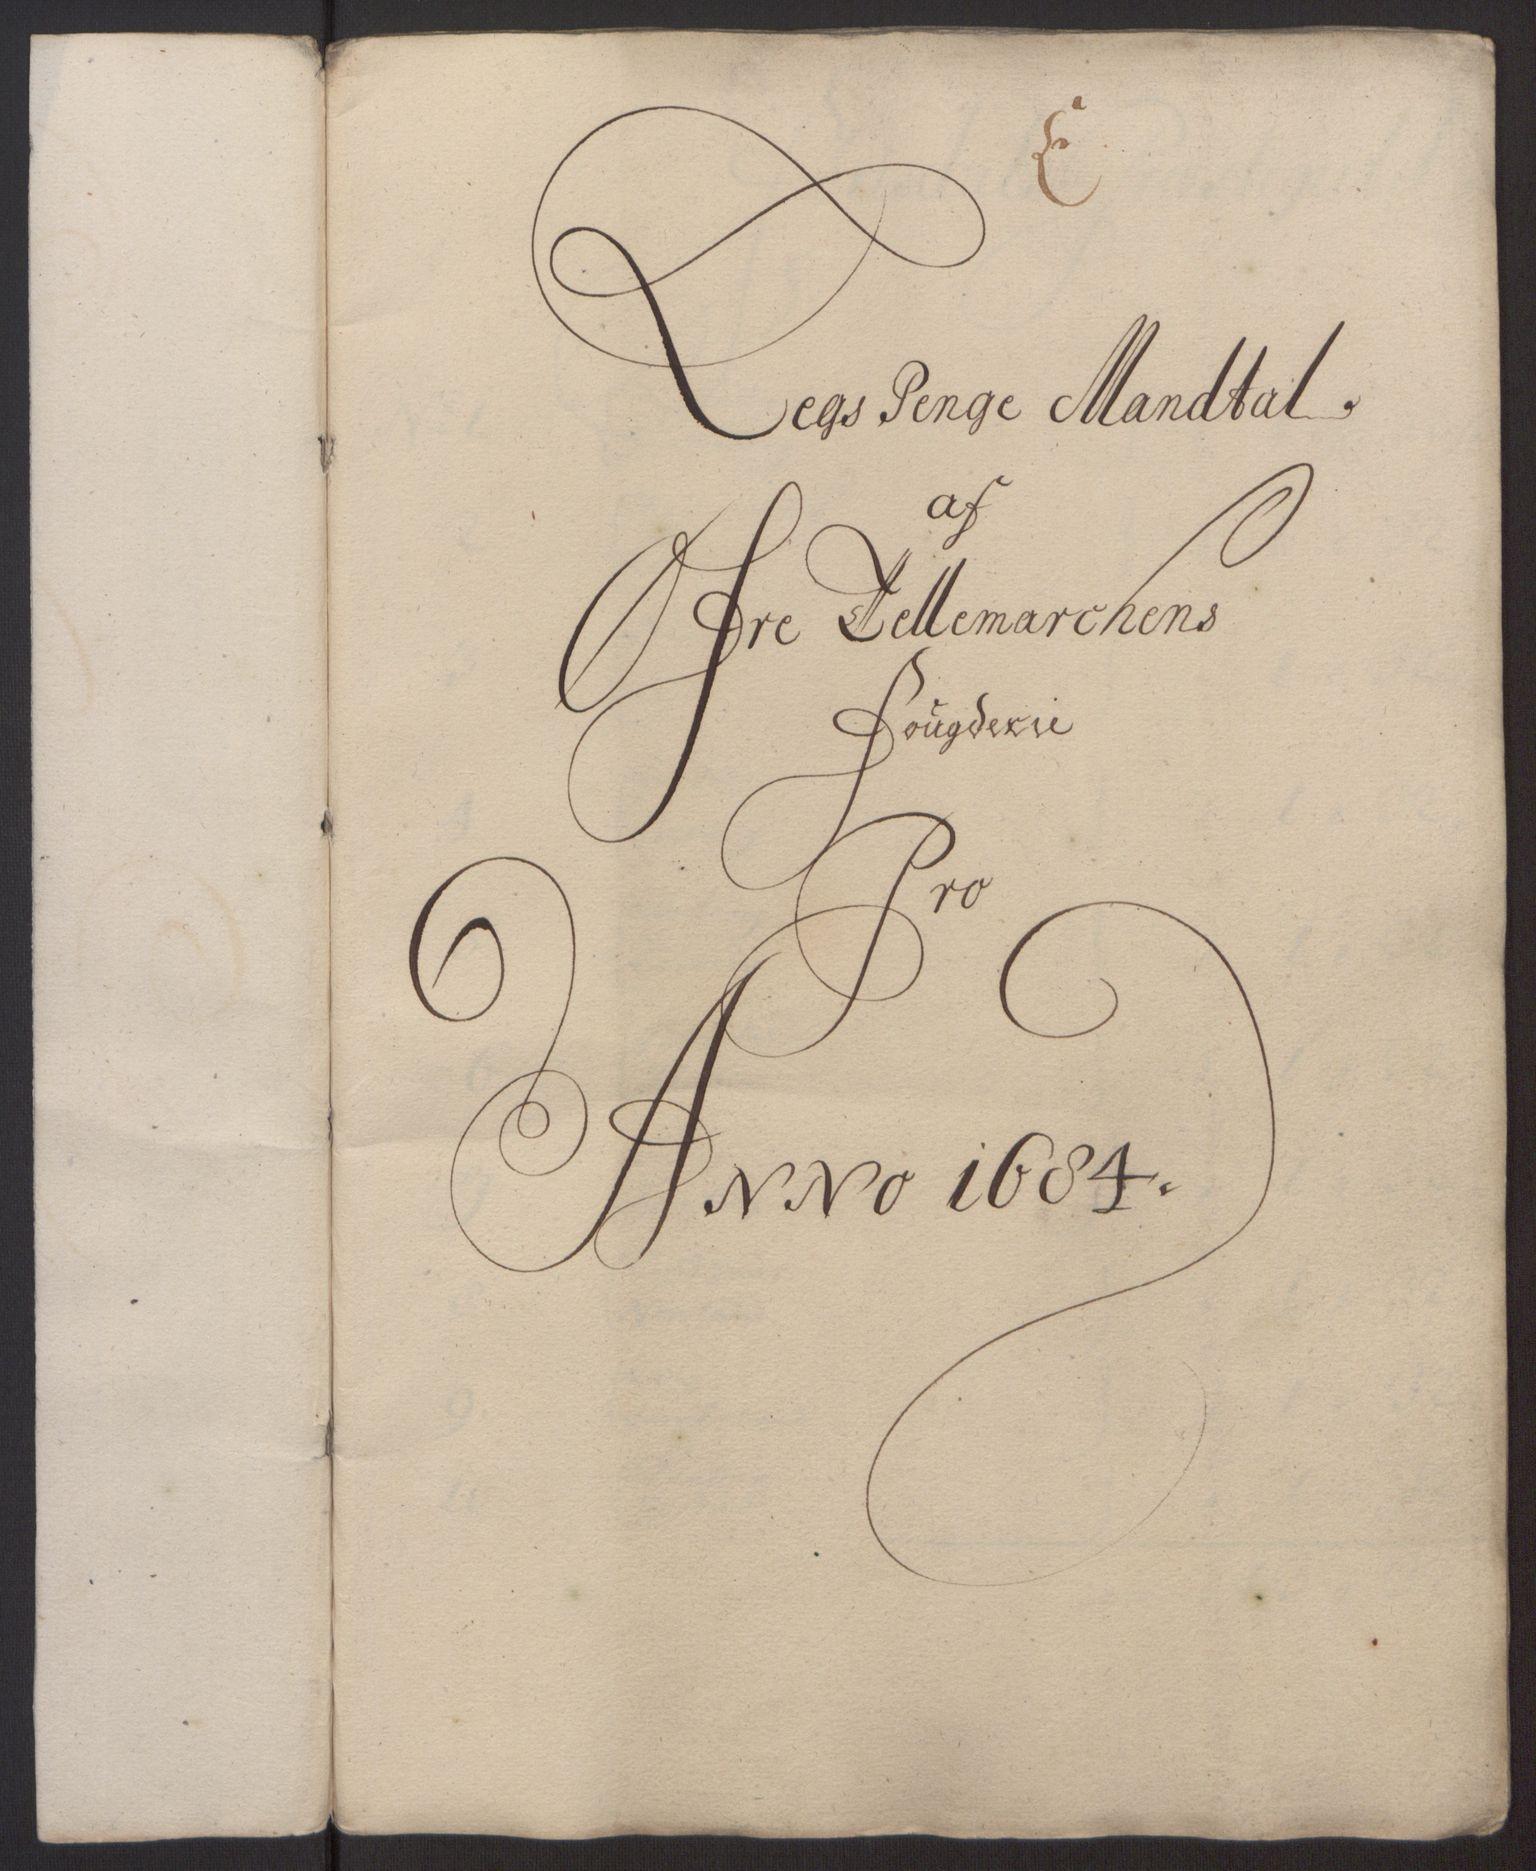 RA, Rentekammeret inntil 1814, Reviderte regnskaper, Fogderegnskap, R35/L2081: Fogderegnskap Øvre og Nedre Telemark, 1680-1684, s. 100